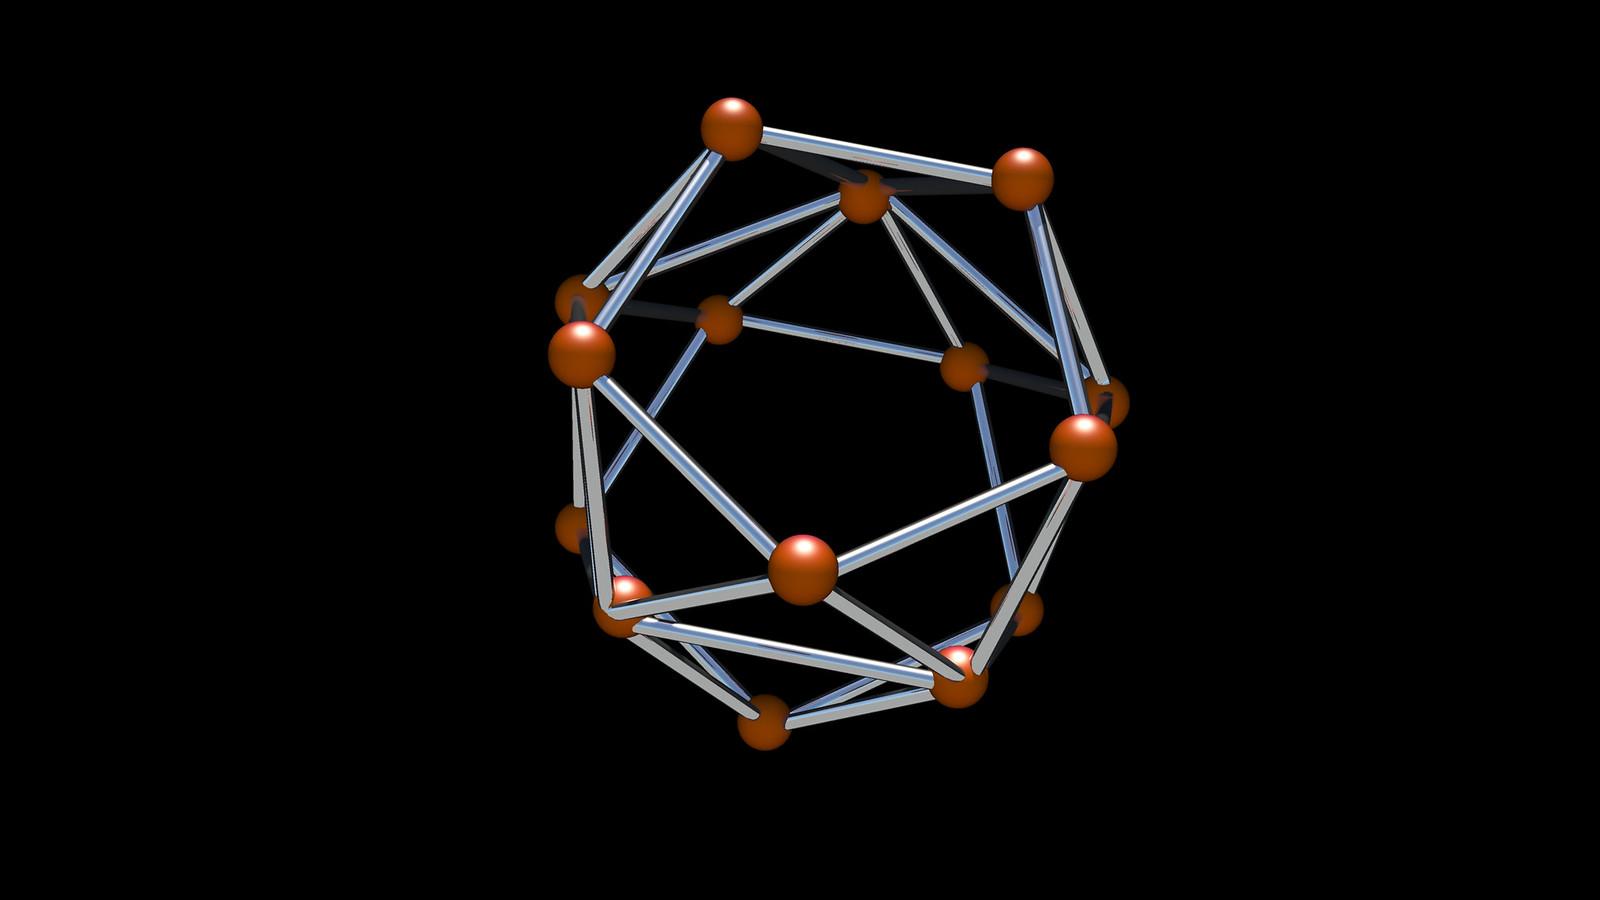 pentagono_drum_68